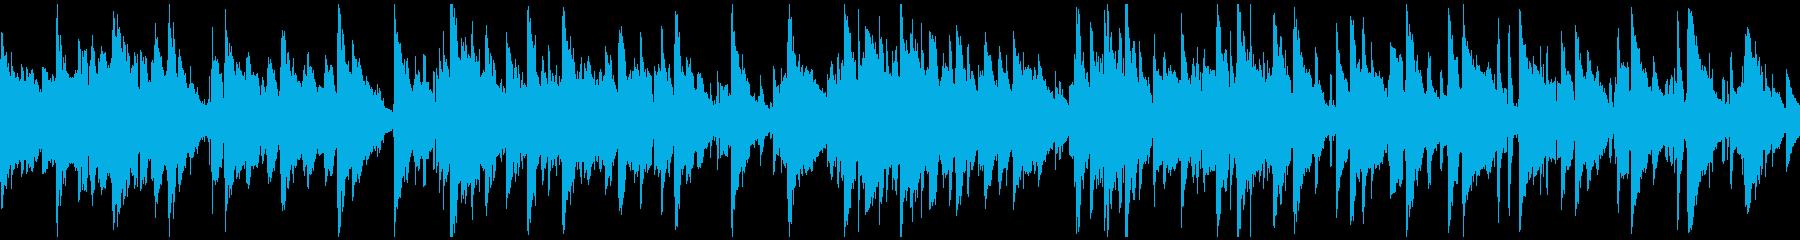 現代的アコースティックジャズ ※ループ版の再生済みの波形